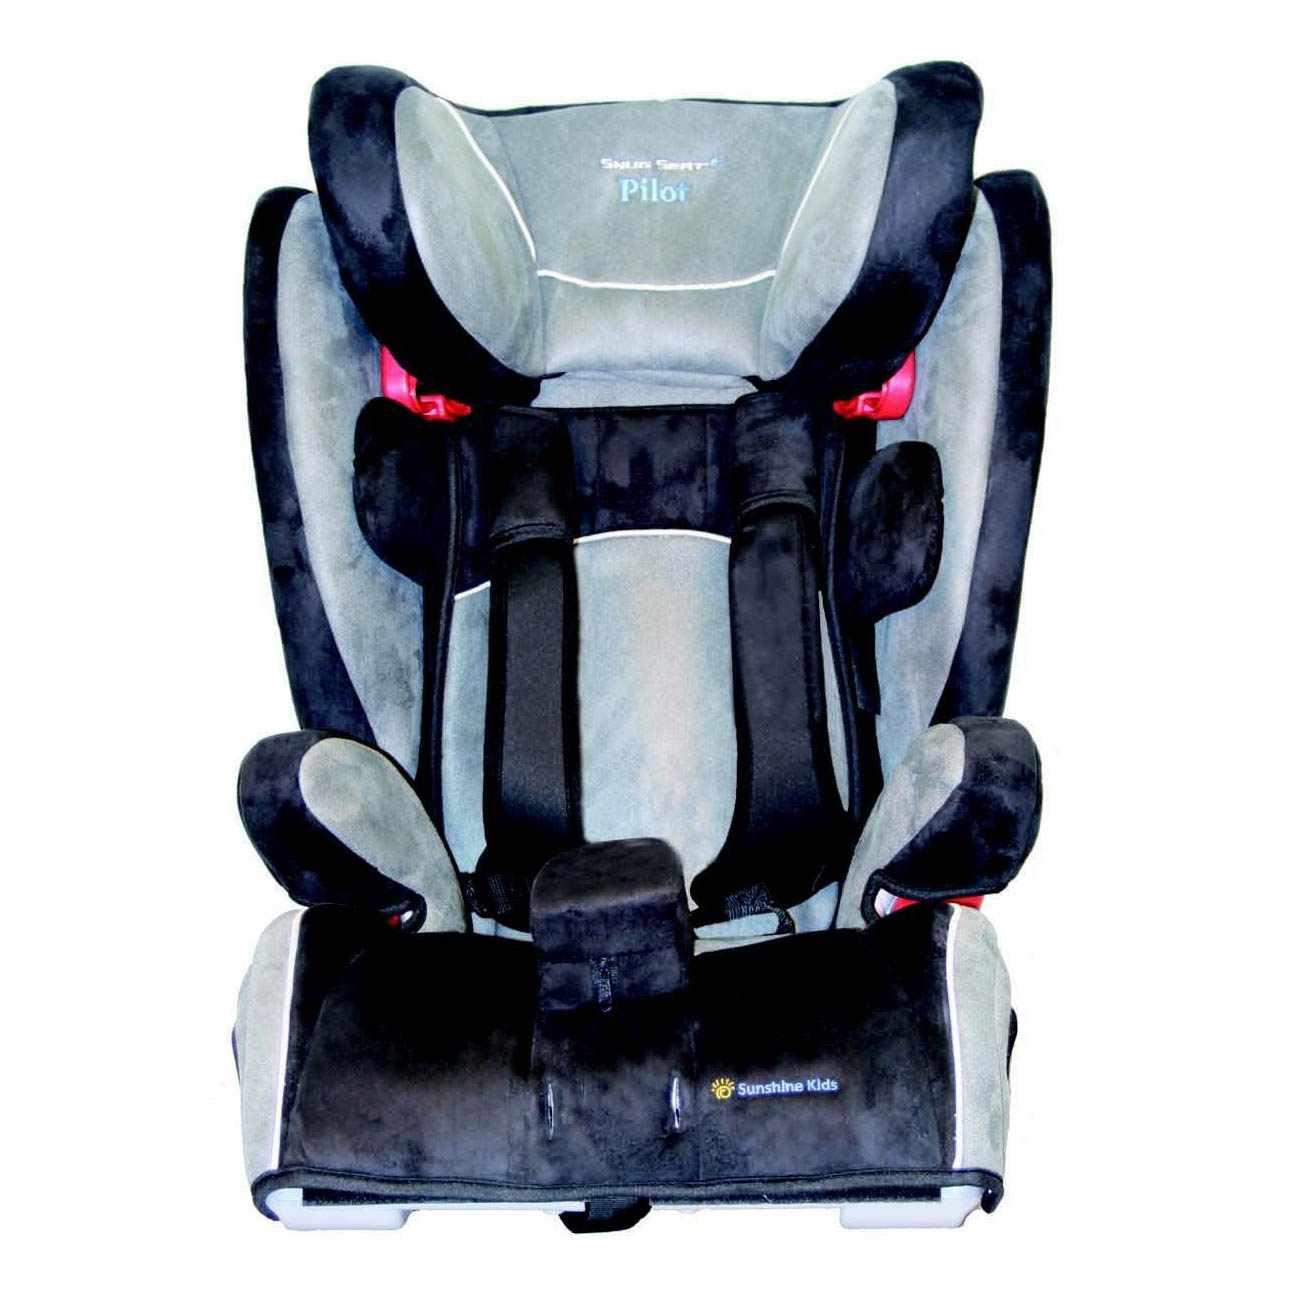 R82 Pilot car seat